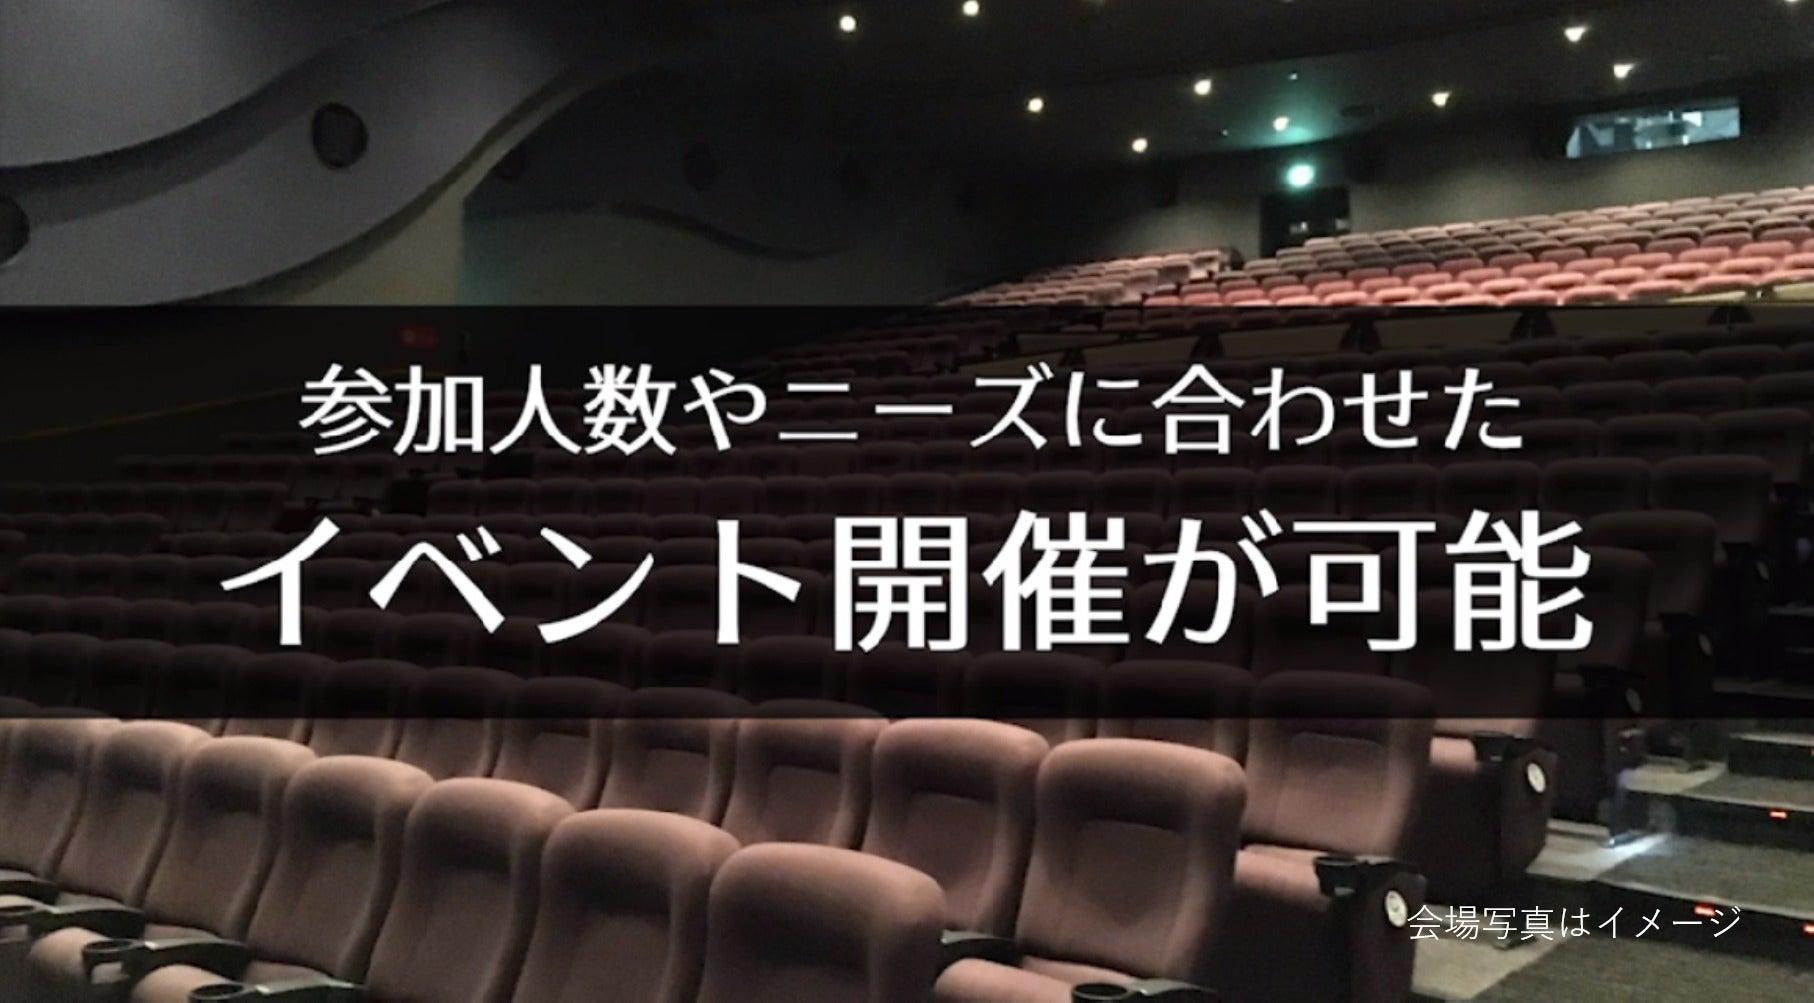 【大津 341席】映画館で、会社説明会、株主総会、講演会の企画はいかがですか? の写真